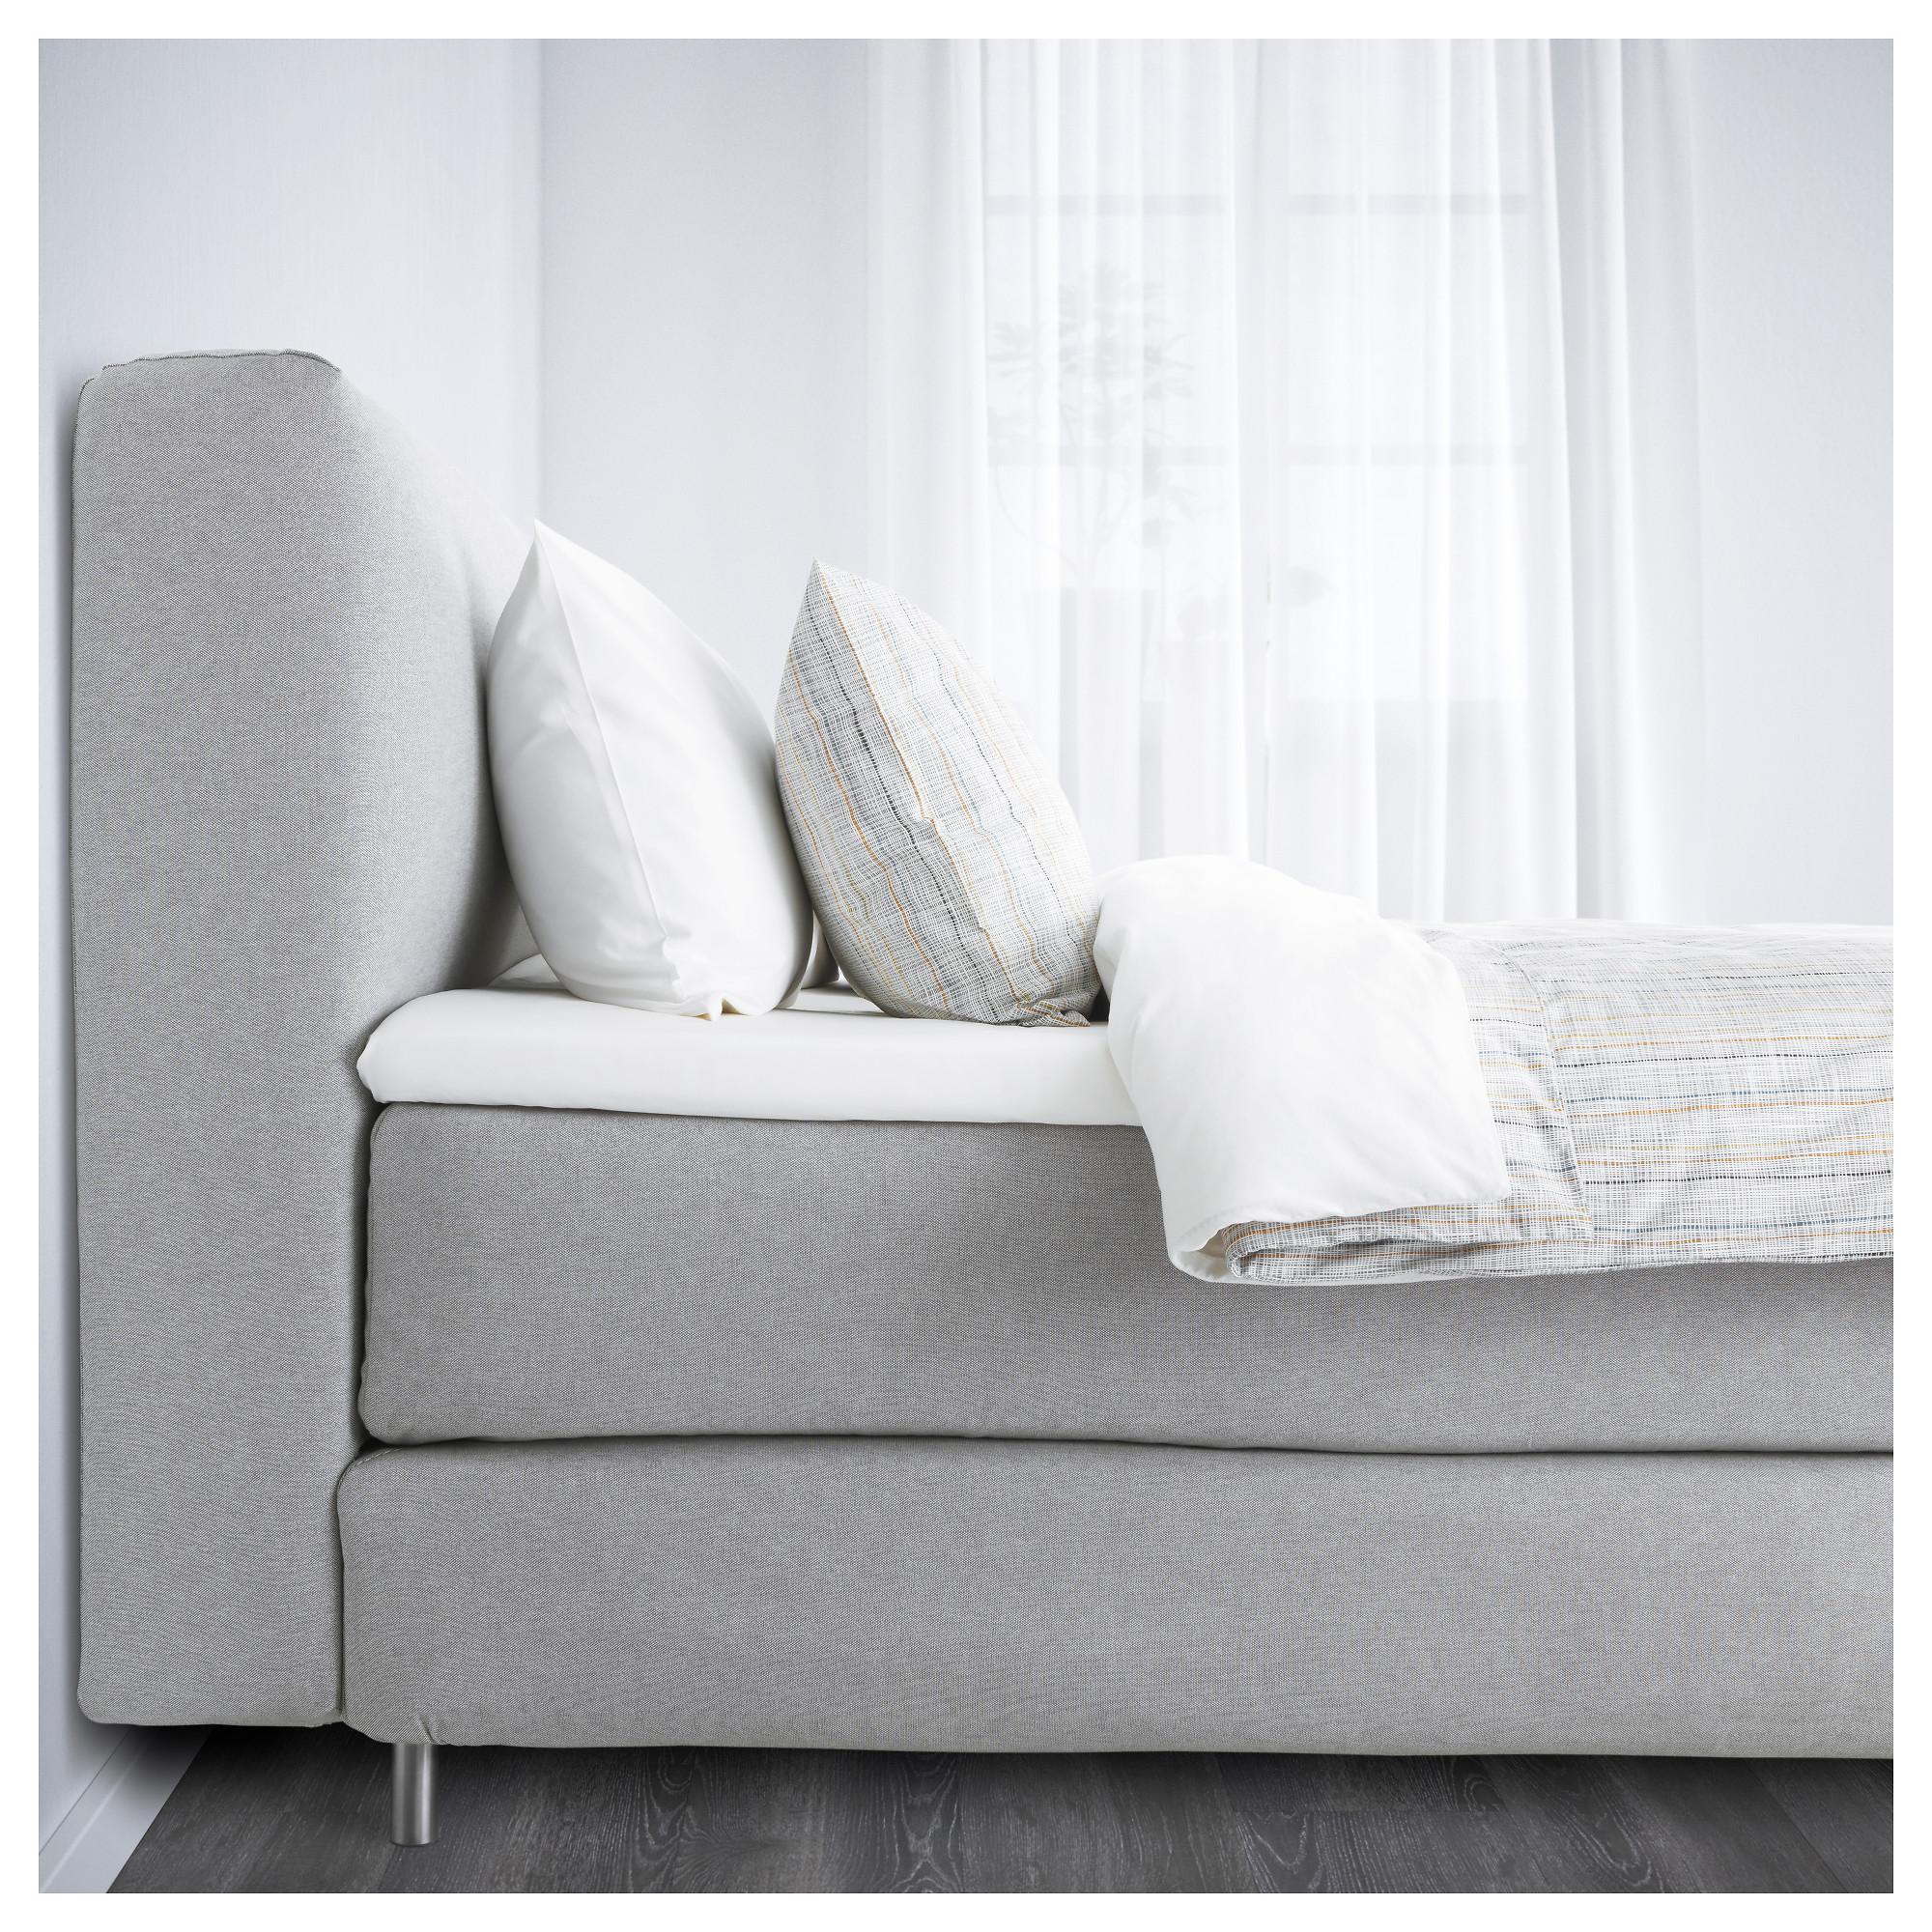 Full Size of Boxspringbett Ikea Mjlvik Von Der Groe Bettentest Miniküche Küche Kosten Sofa Mit Schlaffunktion Modulküche Betten 160x200 Bei Schlafzimmer Set Kaufen Wohnzimmer Boxspringbett Ikea